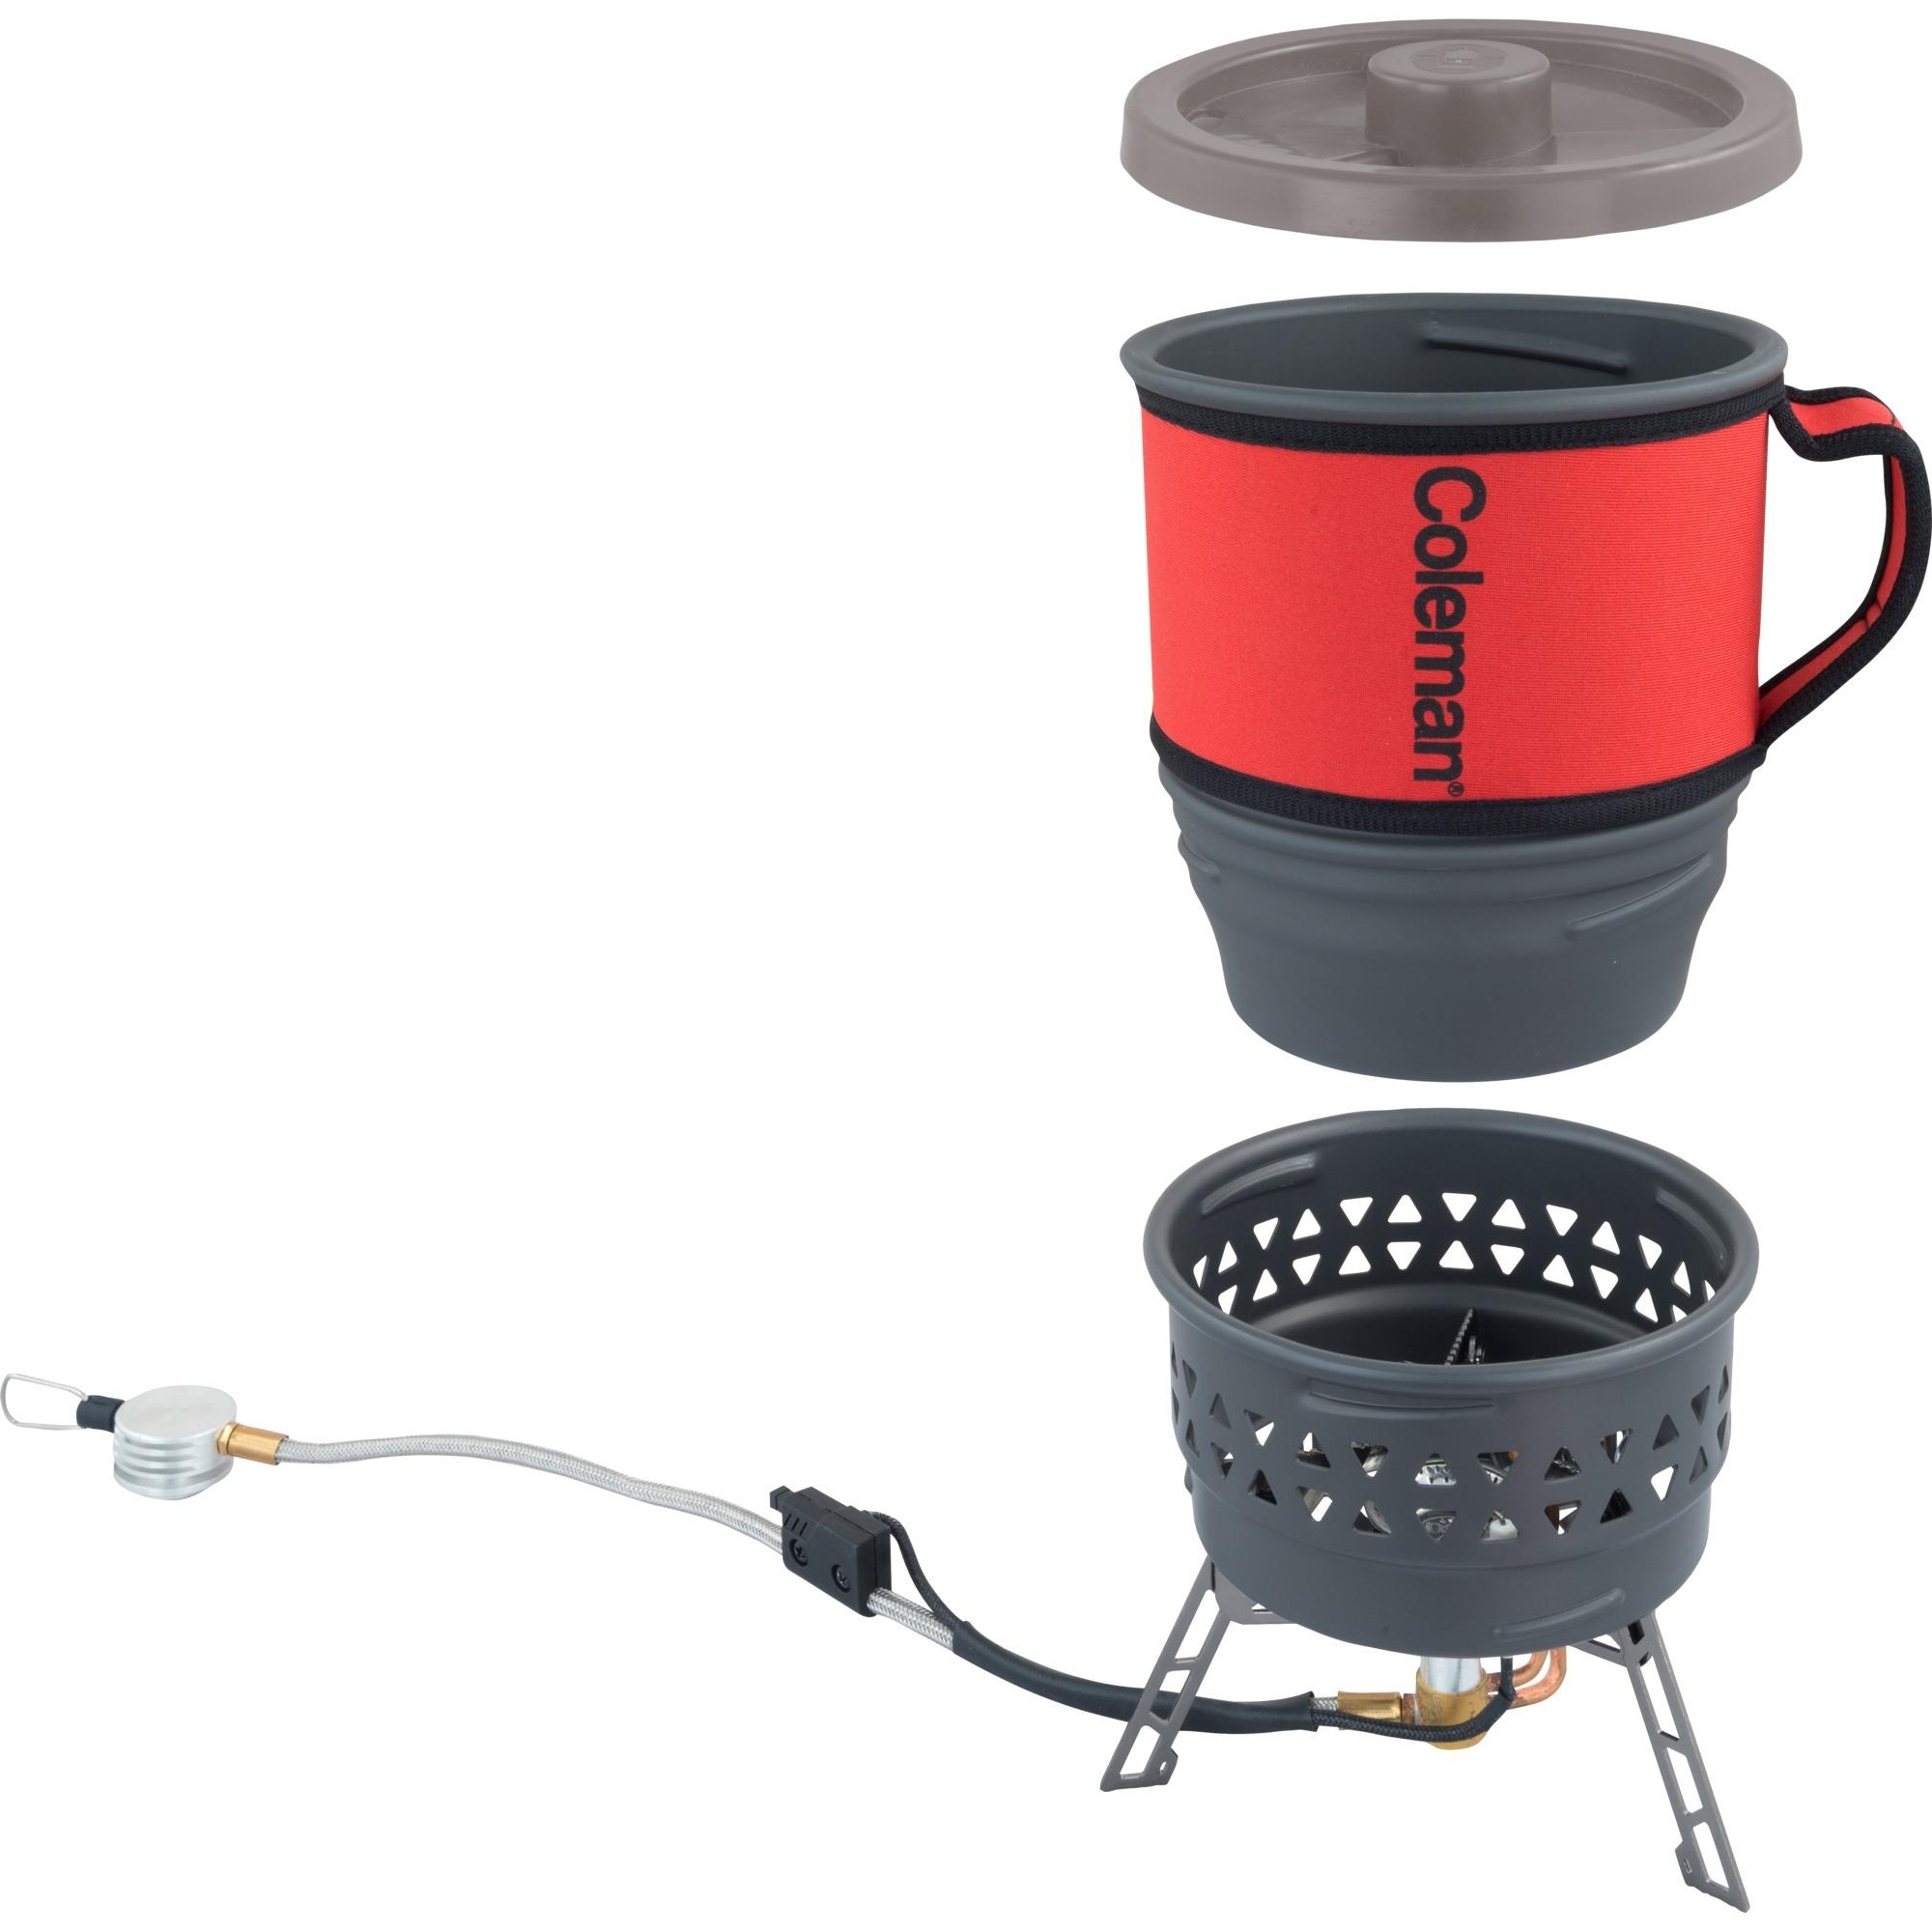 FyreStorm Portable grill stove, Cuisinière à gaz